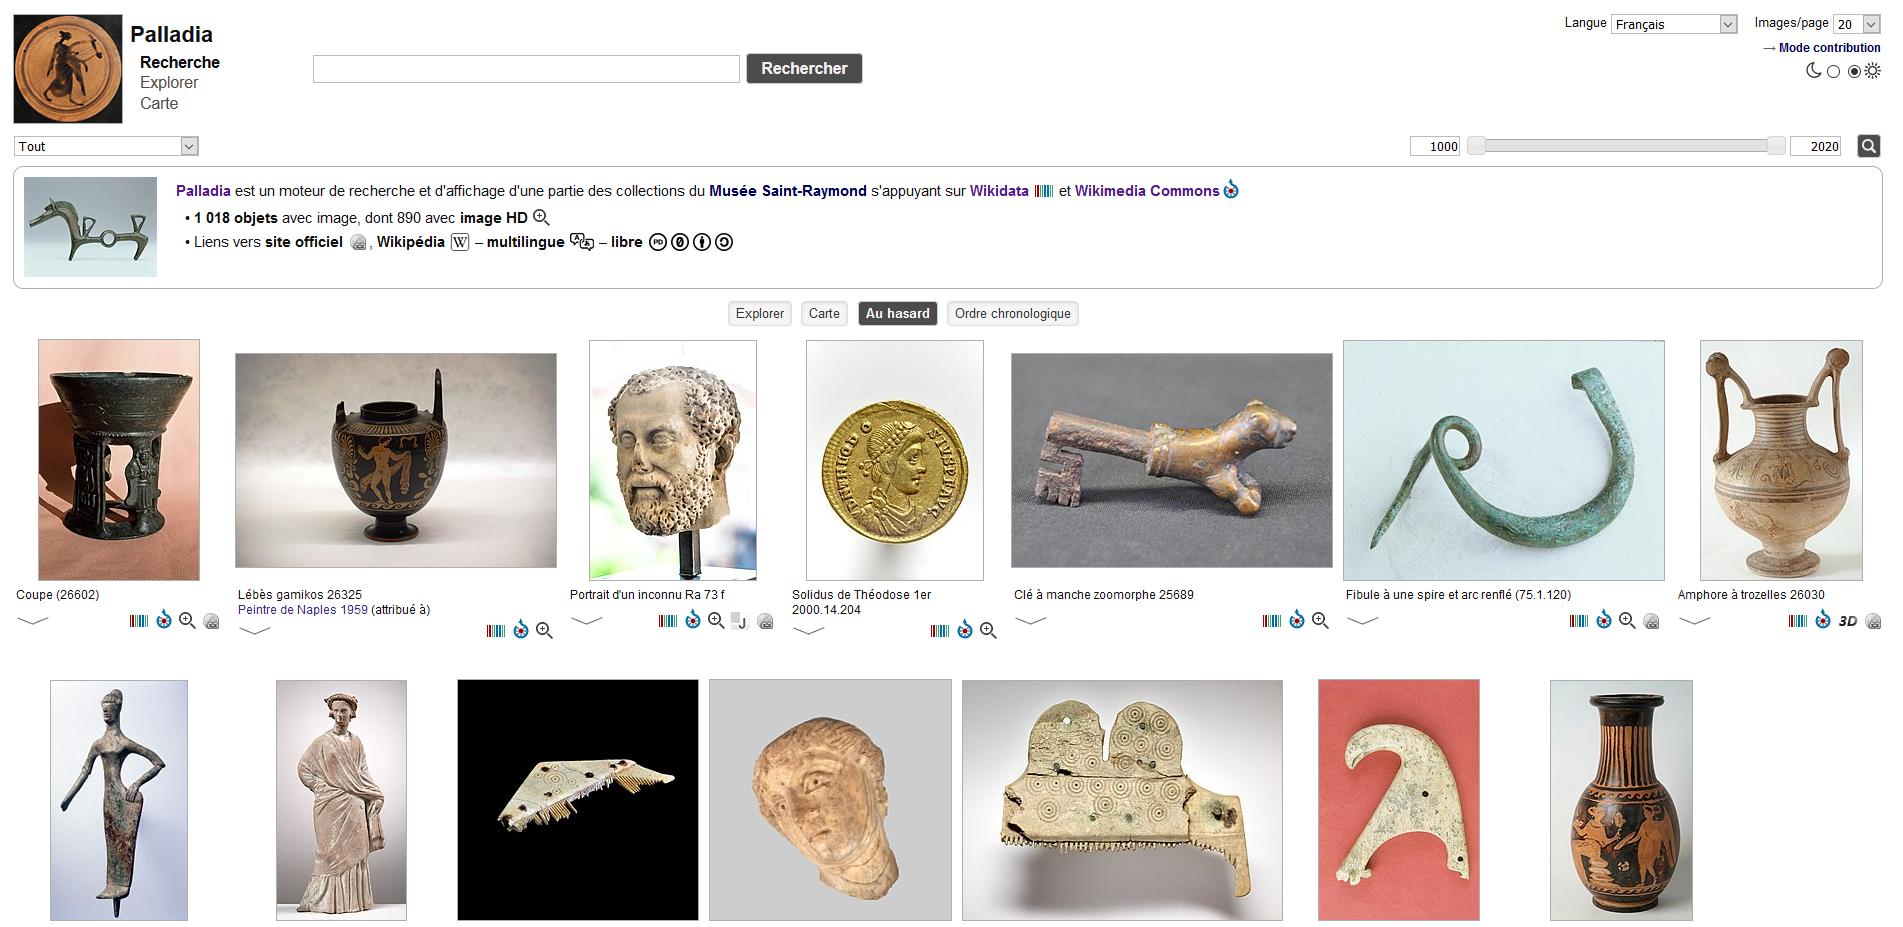 Palladia est un moteur de recherche et d'affichage d'une partie des collections du Musée Saint-Raymond s'appuyant sur Wikidata et Wikimedia Commons